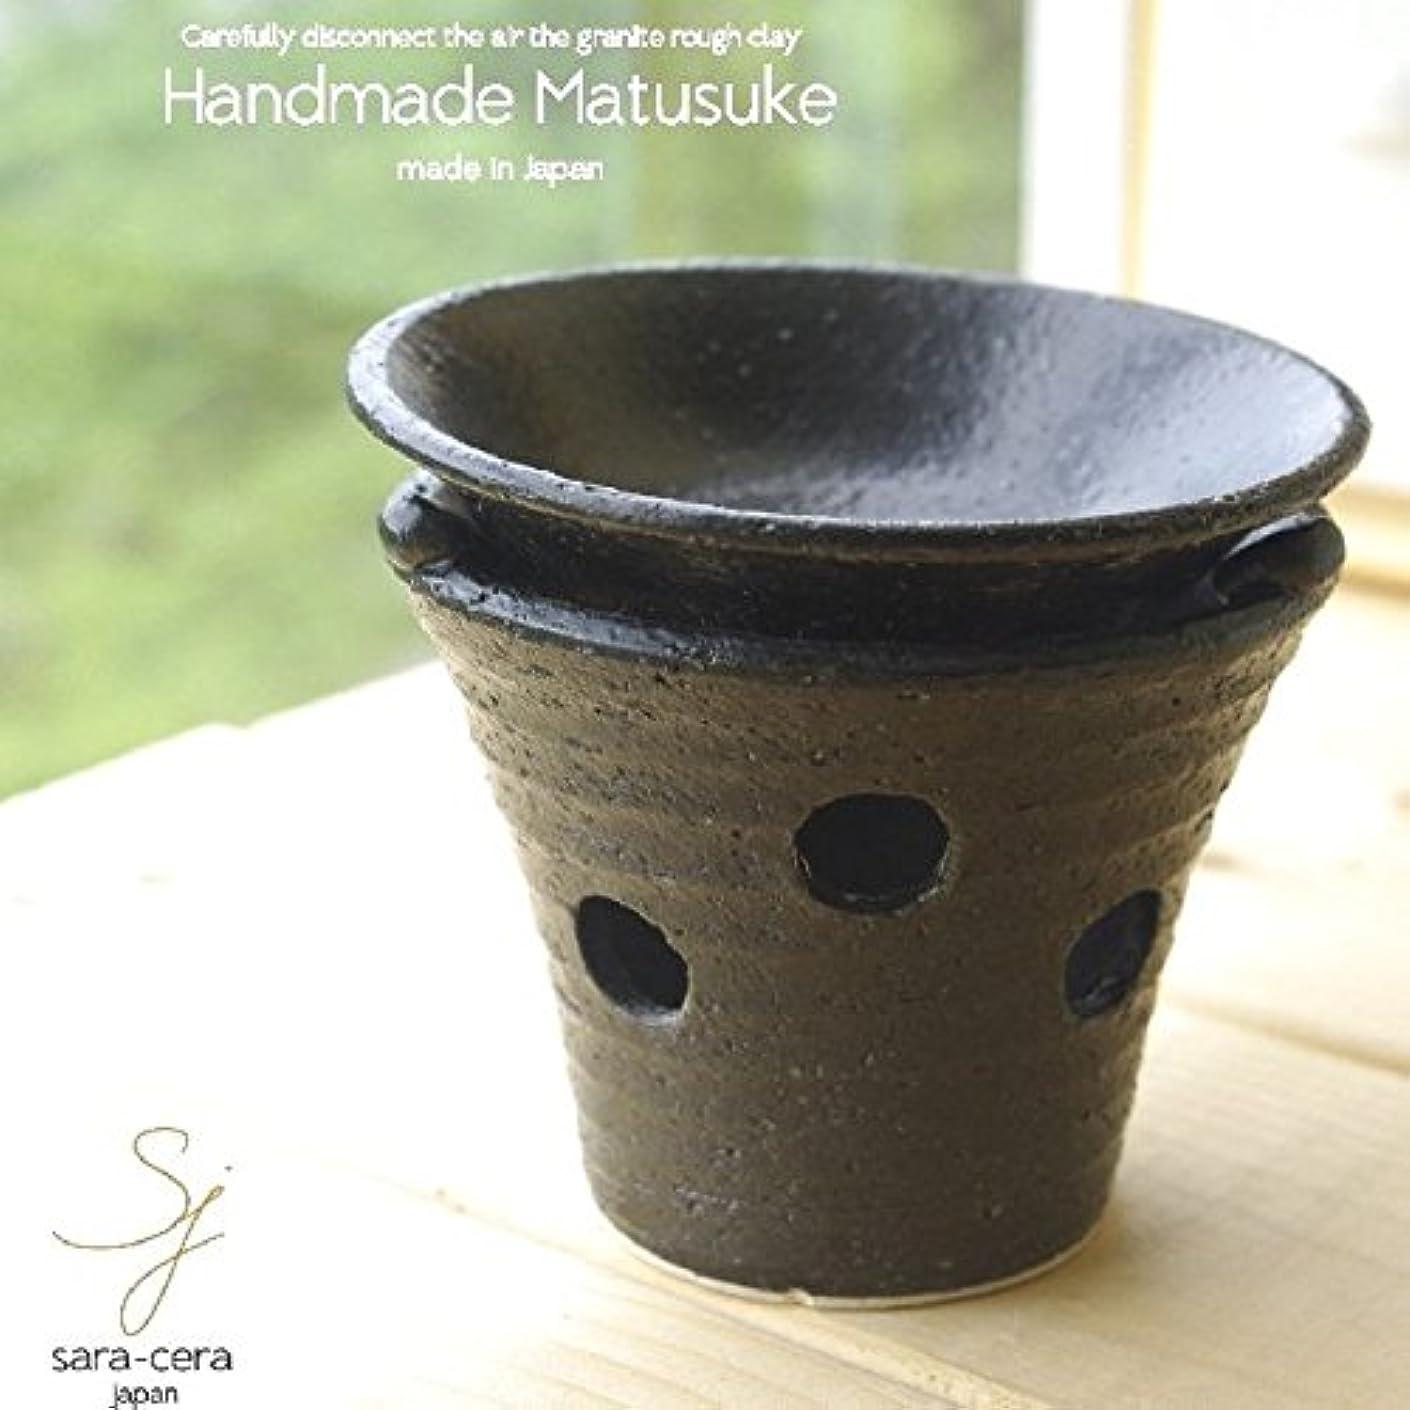 頂点ゲージ勃起松助窯 手作り茶香炉セット 黒釉 ブラック アロマ 和食器 リビング